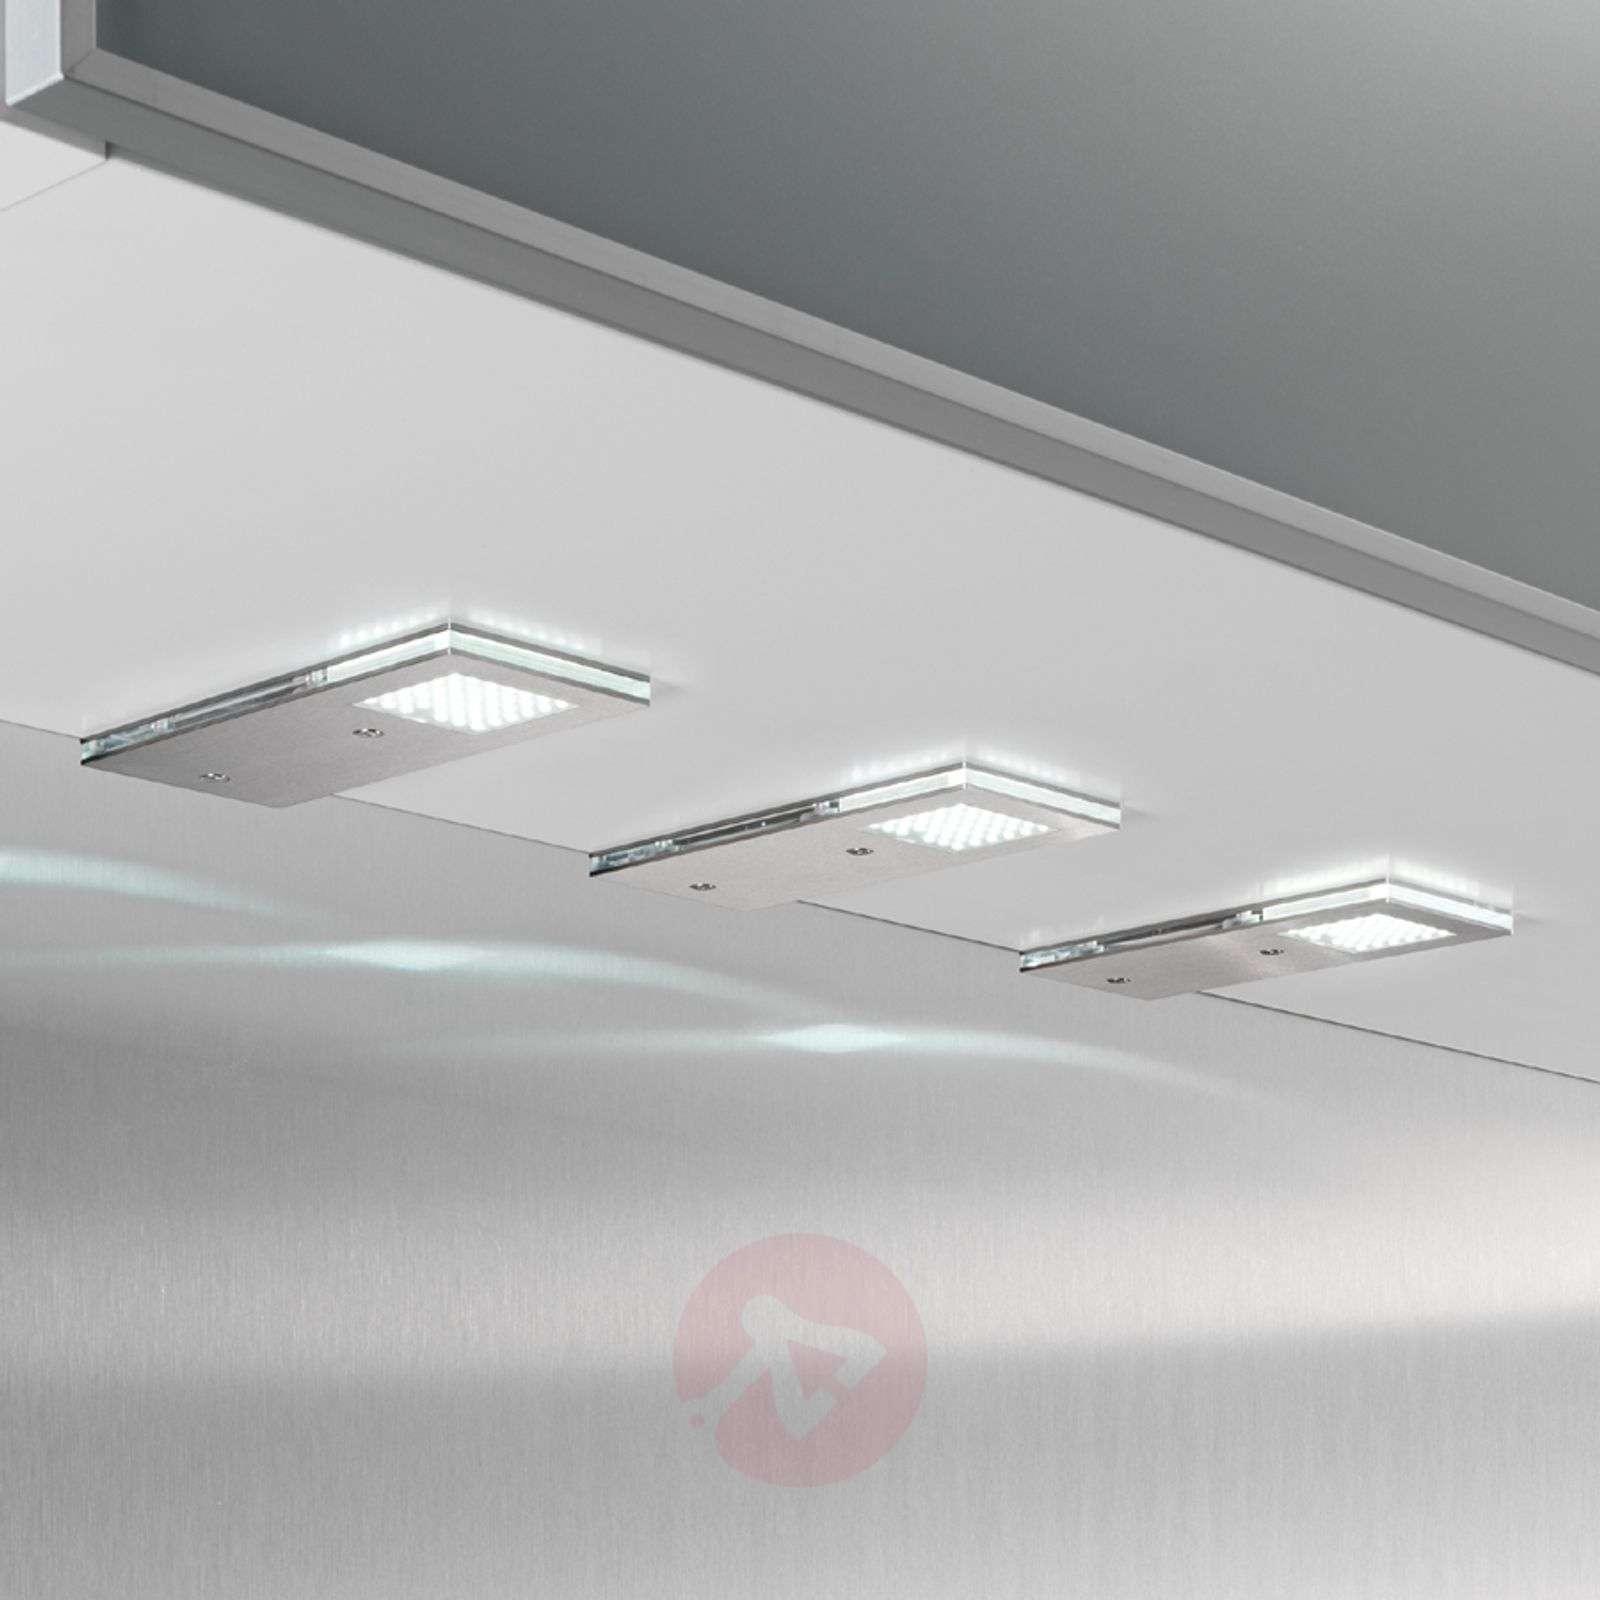 Kätevä Flat I-LED-kaapinalusvalo, 3 kpl setti-3025027-01